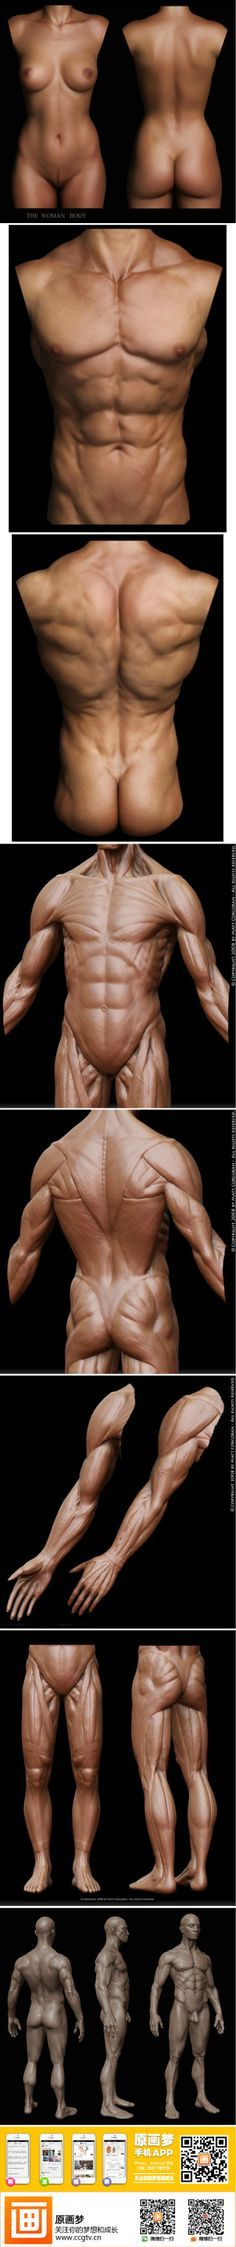 Corpo Humano - Escultura